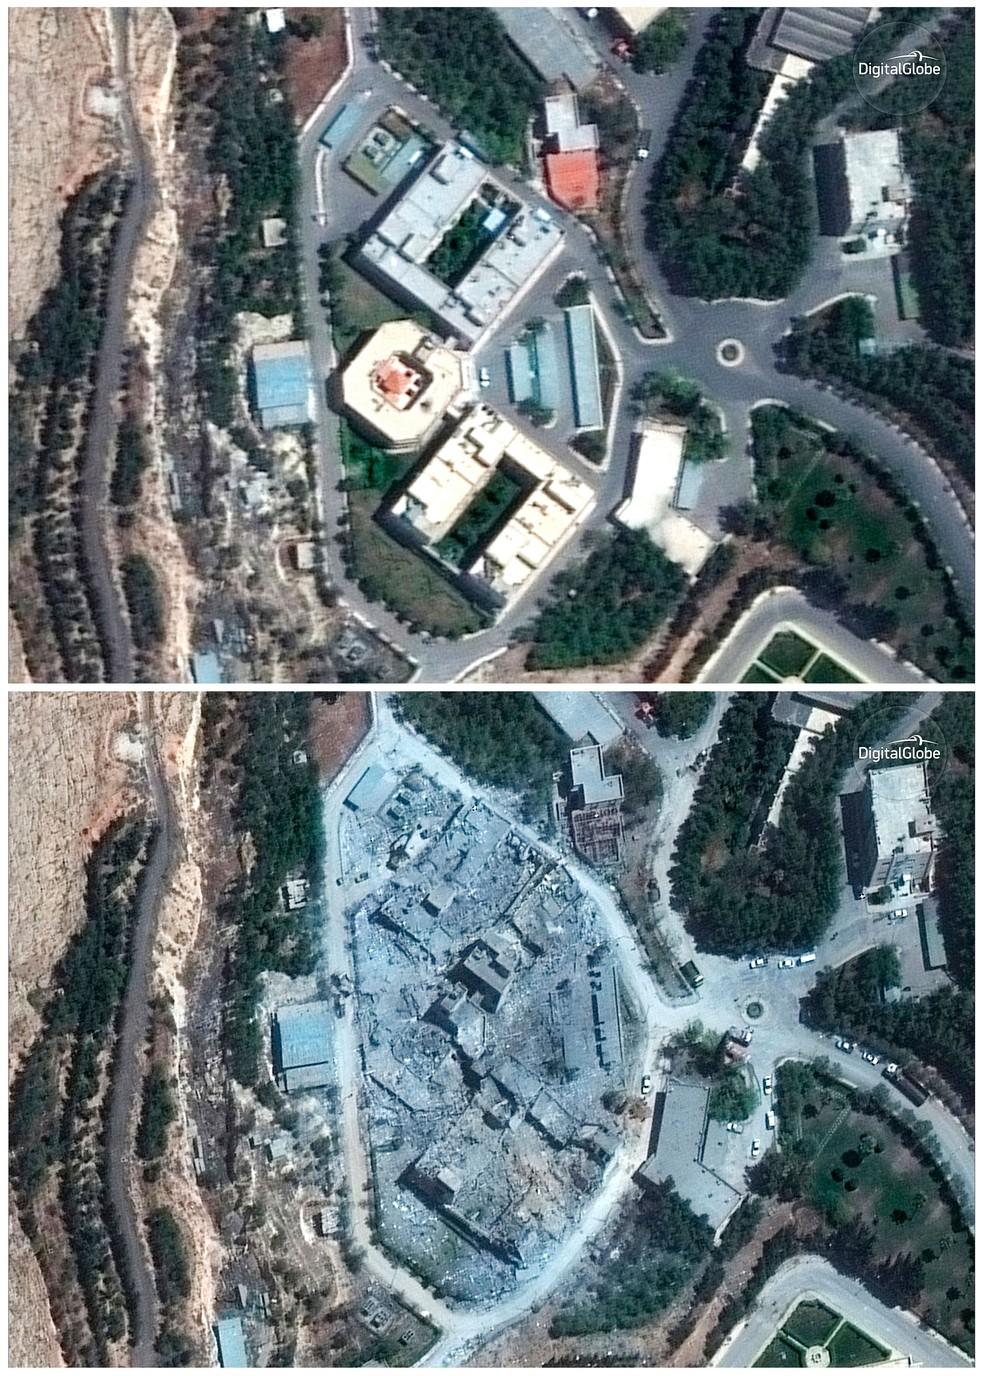 -  Imagens de satélite mostram o centro de Pesquisa e Desenvolvimento Barzah, na sexta-feira  13  e no sábado  15 , antes e depois de bombardeio dos EUA